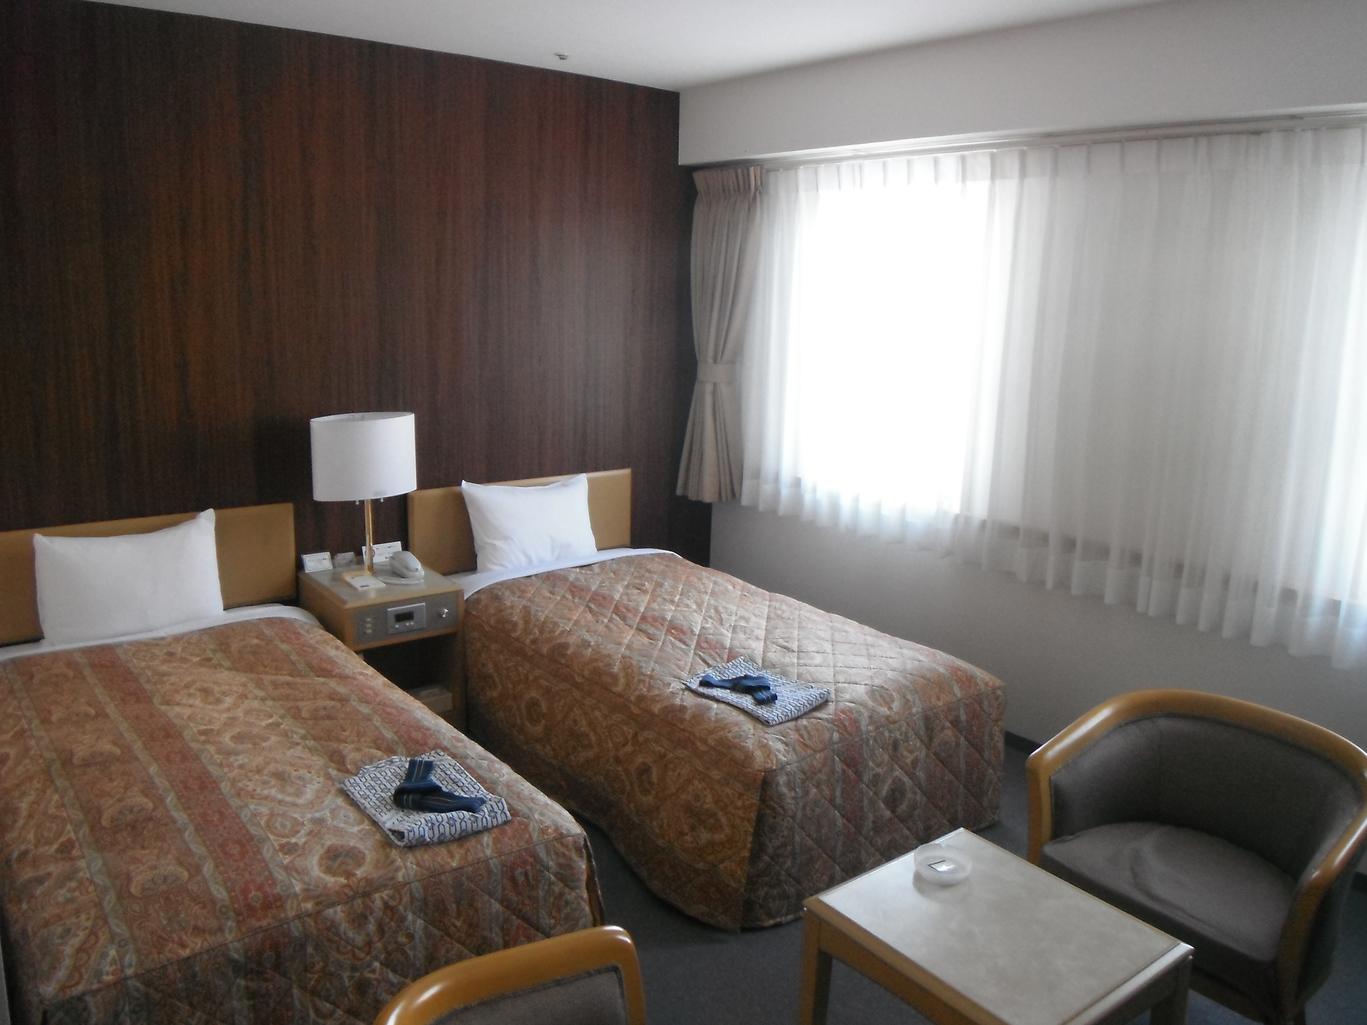 セントラルホテル取手 関連画像 5枚目 楽天トラベル提供